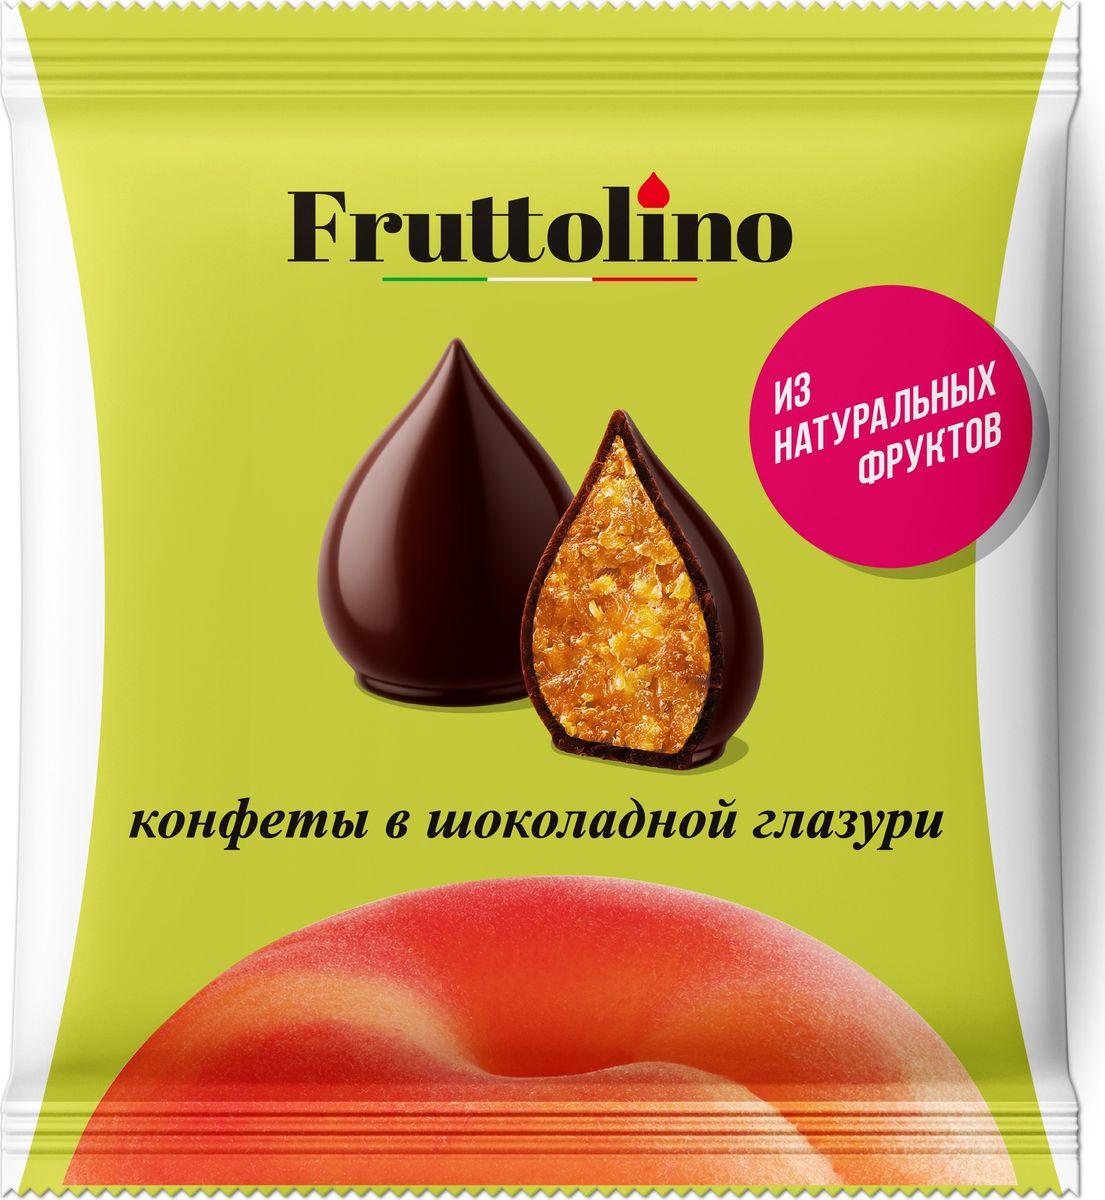 Fruttolino Персик конфеты, 140 г16.7378Сочные и душистые фрукты – основной ингредиент конфет Fruttolino, приготовленных из натуральных фруктов и покрытых превосходной шоколадной глазурью, созданной из отборных африканских какао-бобов.Конфеты Fruttolino прекрасно заменят привычные сладости, понравятся всем, кто заботится о здоровье и фигуре.